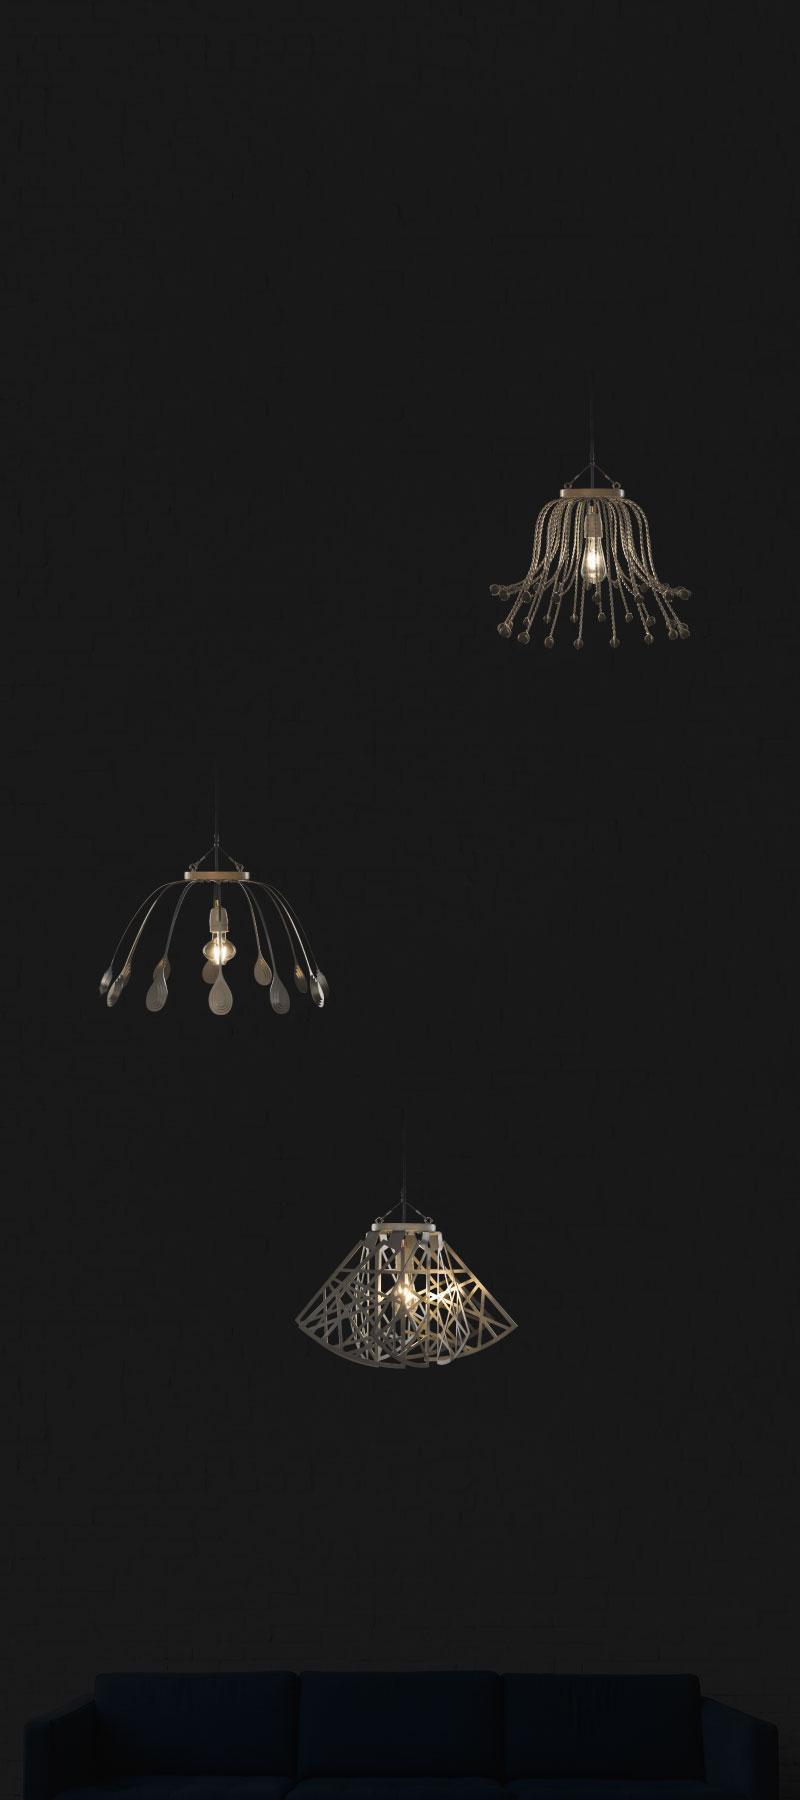 Lámparas CROÓ encendidas suspendidas en habitación oscurecida